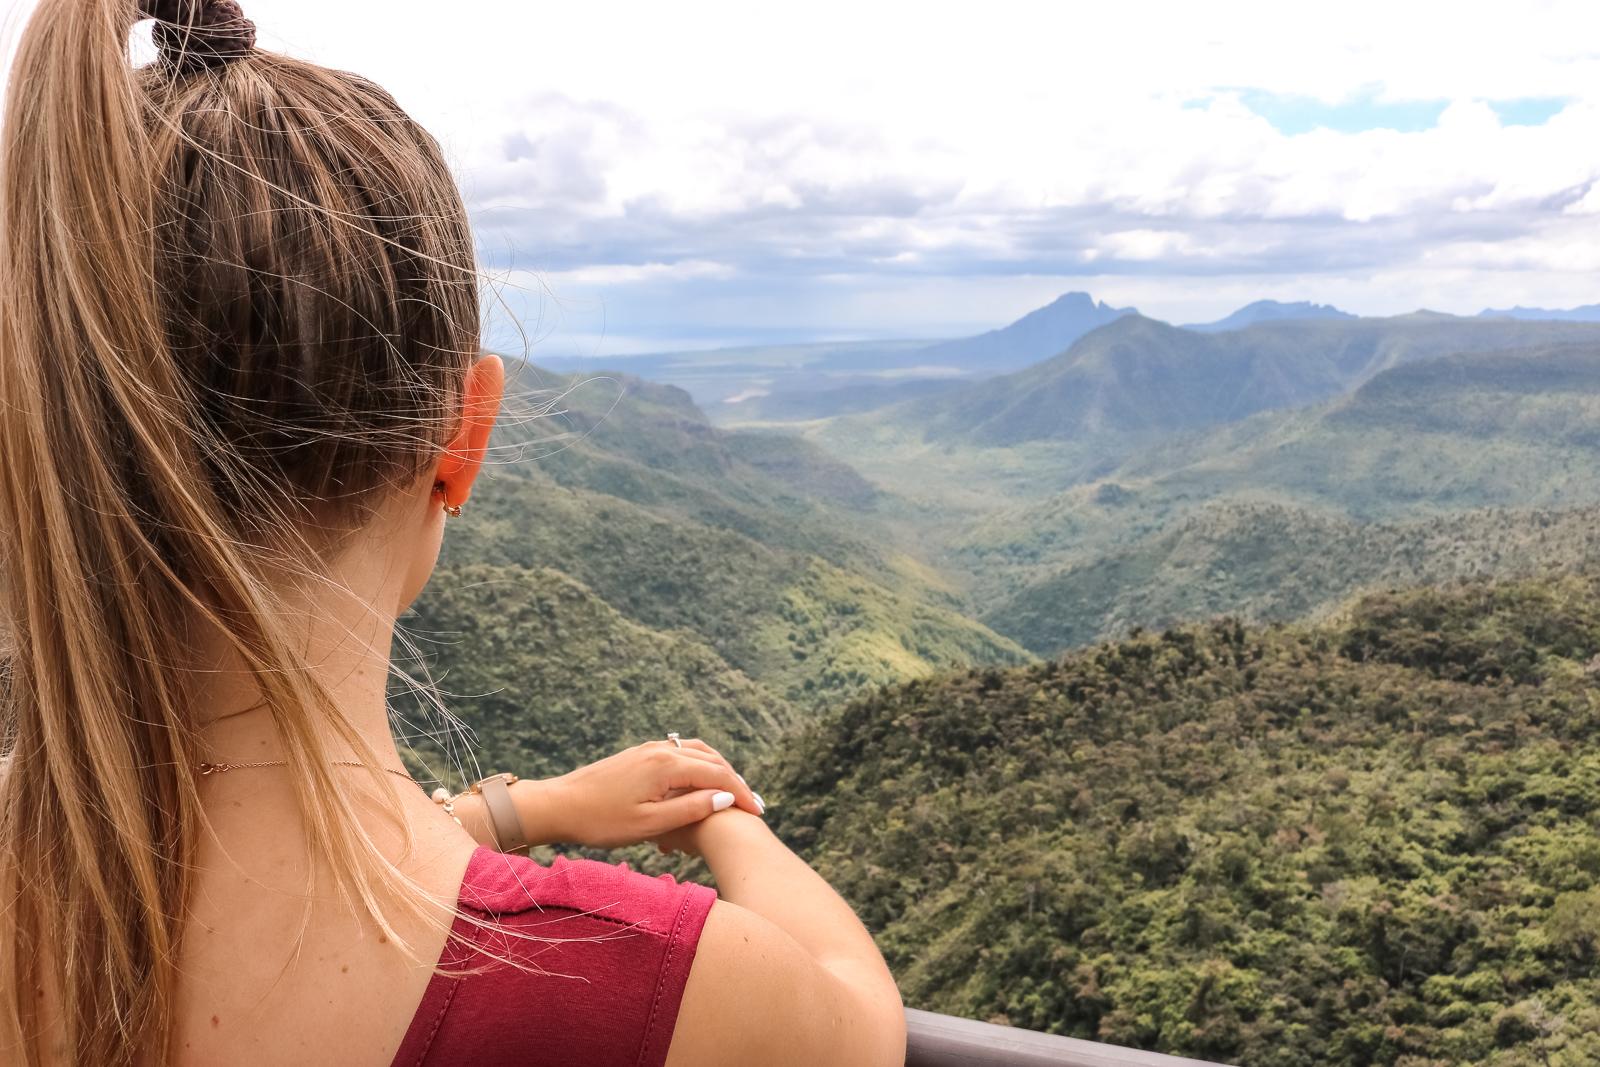 Mauritius Reisebericht - Wissenswertes und Highlights der Trauminsel - Mauritius Reise - Mauritius Sehenswürdigkeiten - Mauritius Flitterwochen - Traumreise - Paradies - schönste Insel - Traumurlaub -Tipps für Mauritius - Mauritus Reiseführer - Mauritius Travel Guide - Black Gorges Nationalpark Mauritius - Fashionladyloves by Tamara